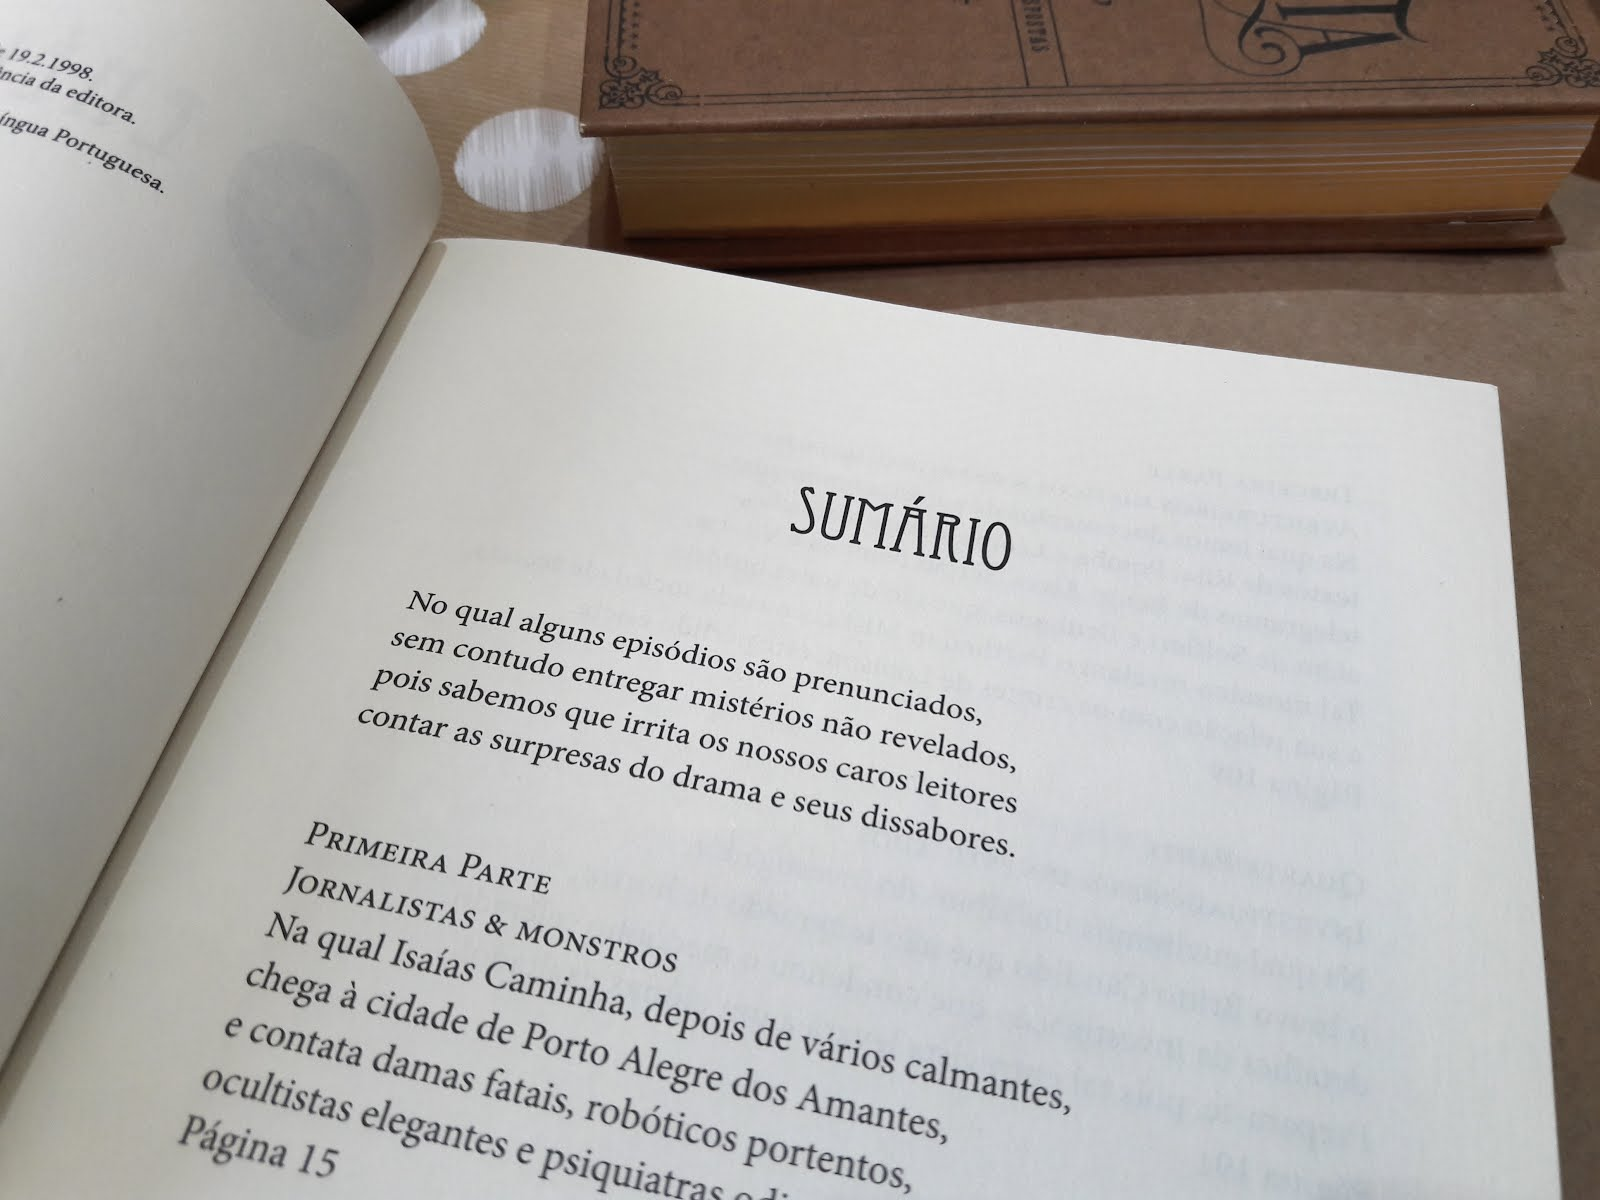 Foto detalhando o sumário do livro A Lição de Anatomia do Temível Dr. Louison